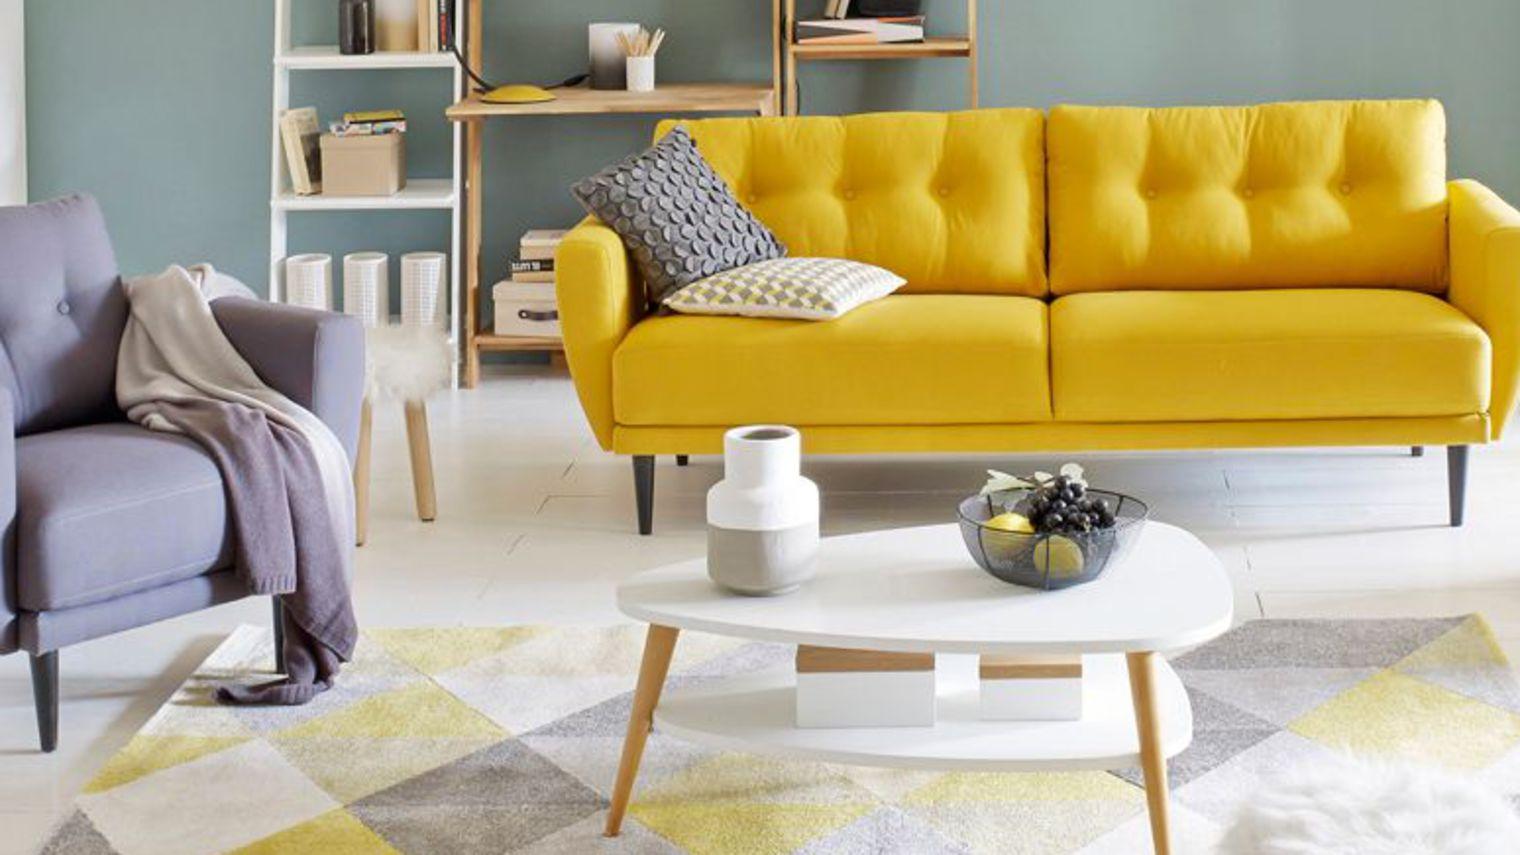 tendances d co 2017 tout ce qu il faut savoir home dome. Black Bedroom Furniture Sets. Home Design Ideas